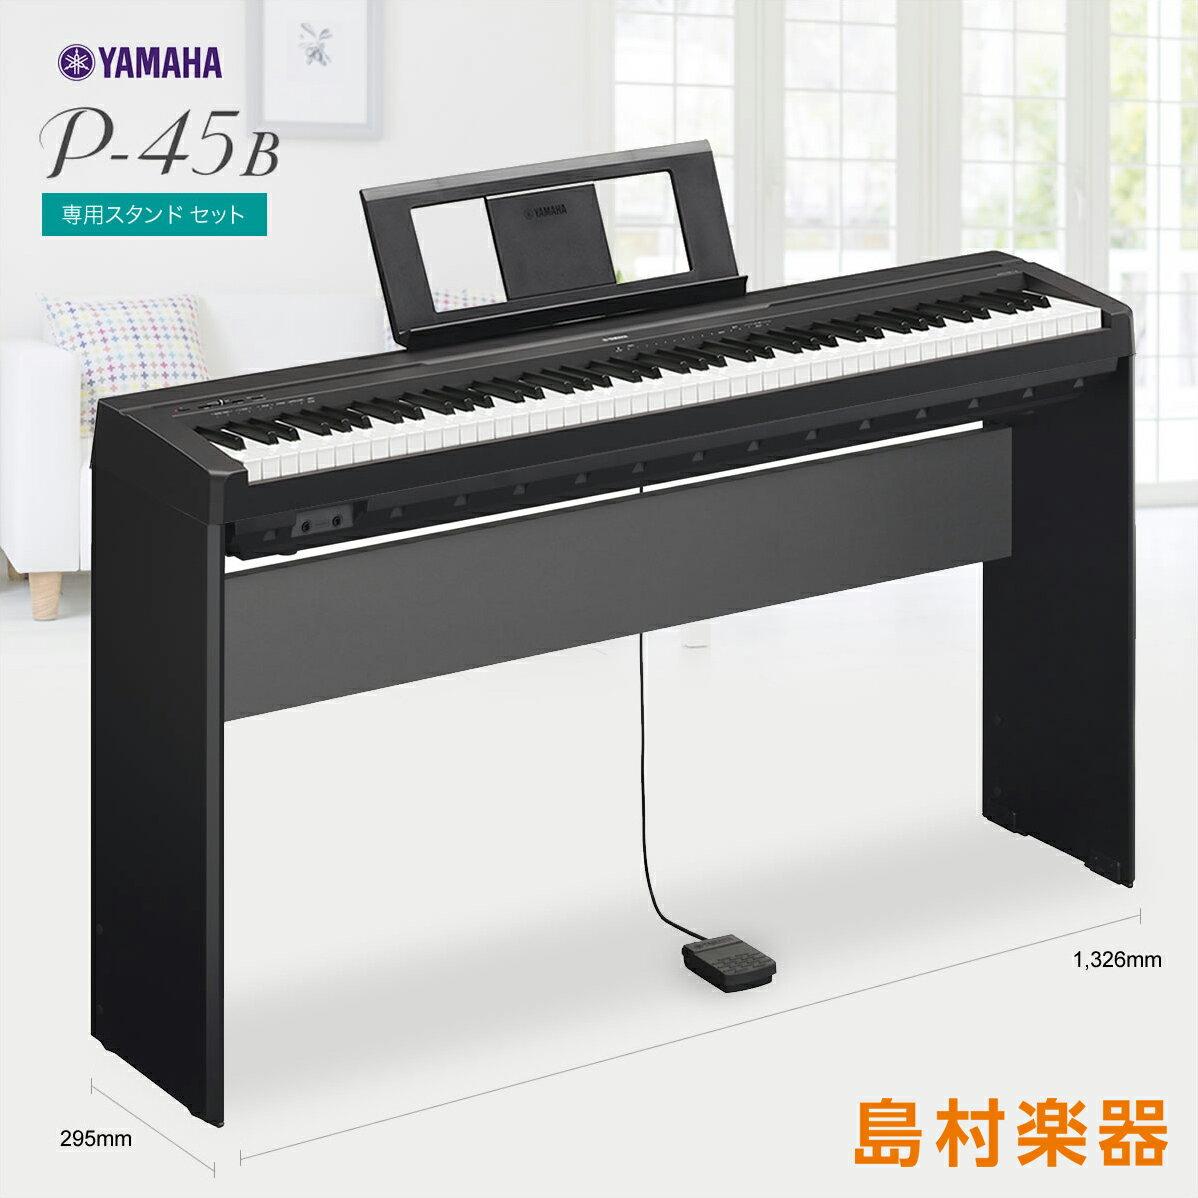 YAMAHA P-45B & 専用スタンドセット 電子ピアノ 88鍵盤 【ヤマハ P45】 【オンライン限定】【別売り延長保証対応プラン:E】